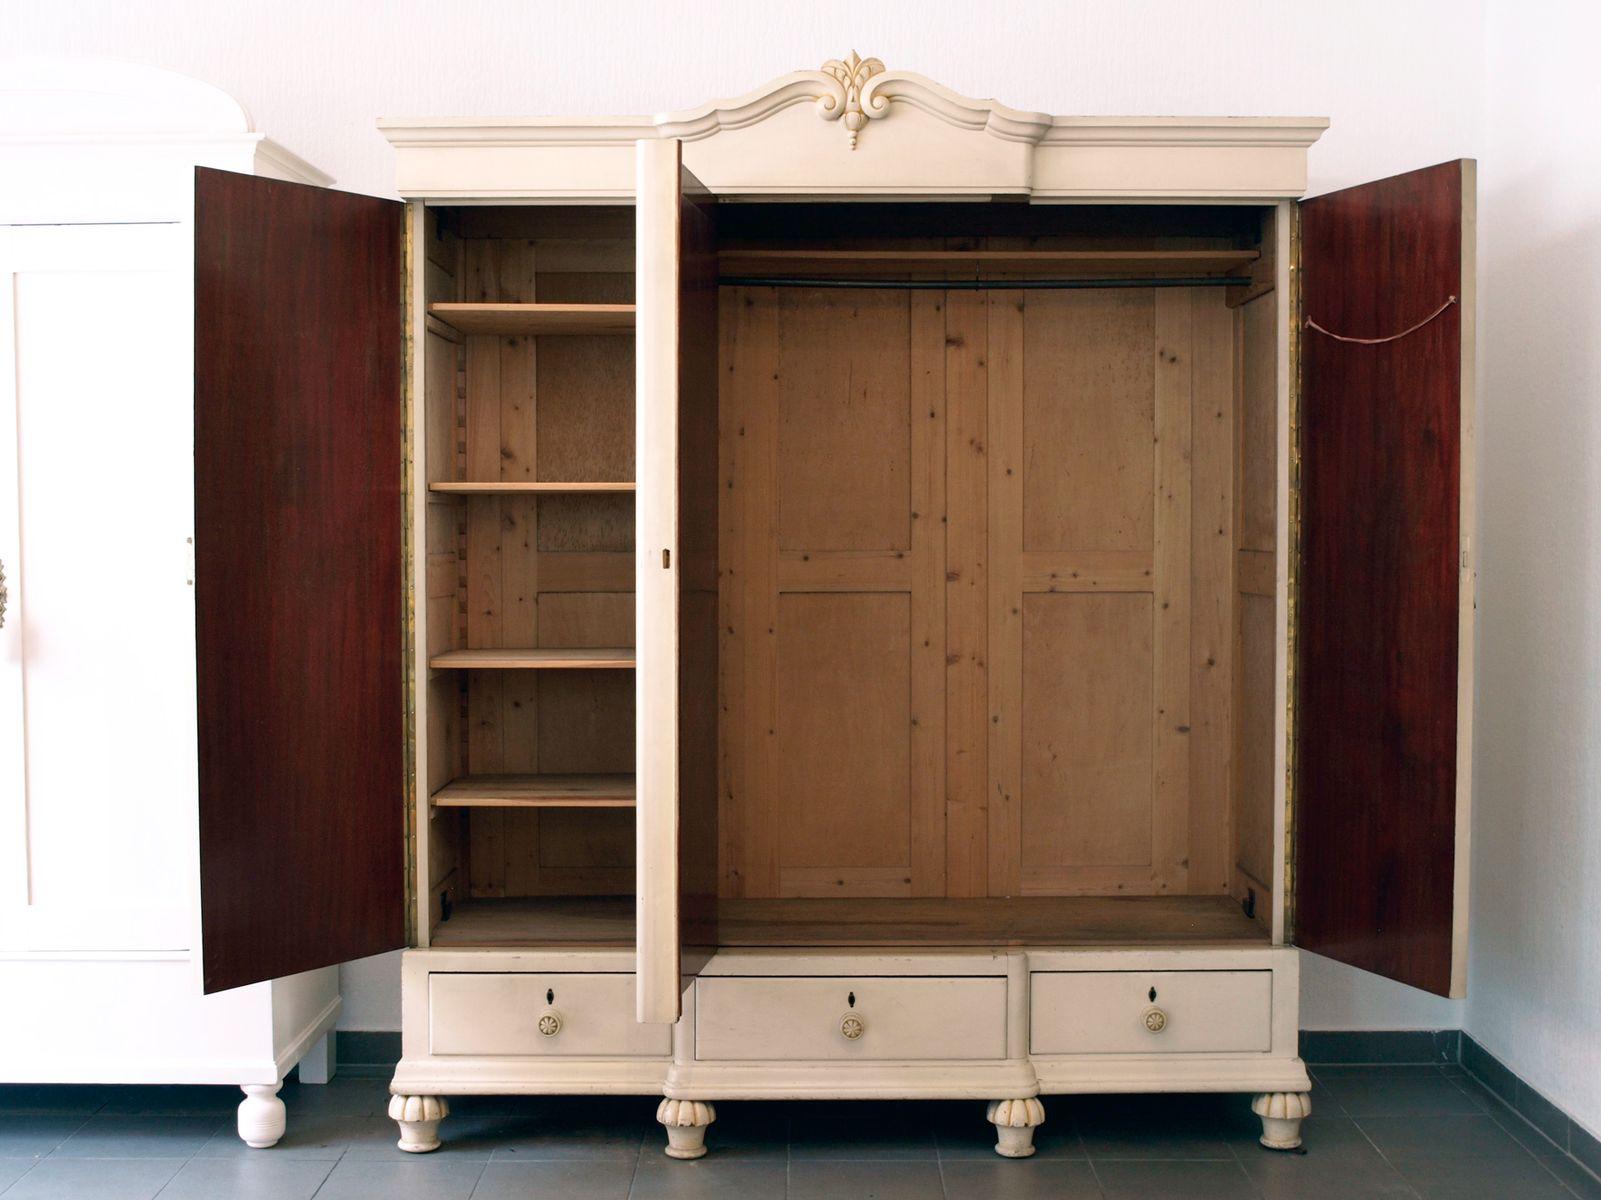 vintage schrank mit spiegel 1900 bei pamono kaufen. Black Bedroom Furniture Sets. Home Design Ideas